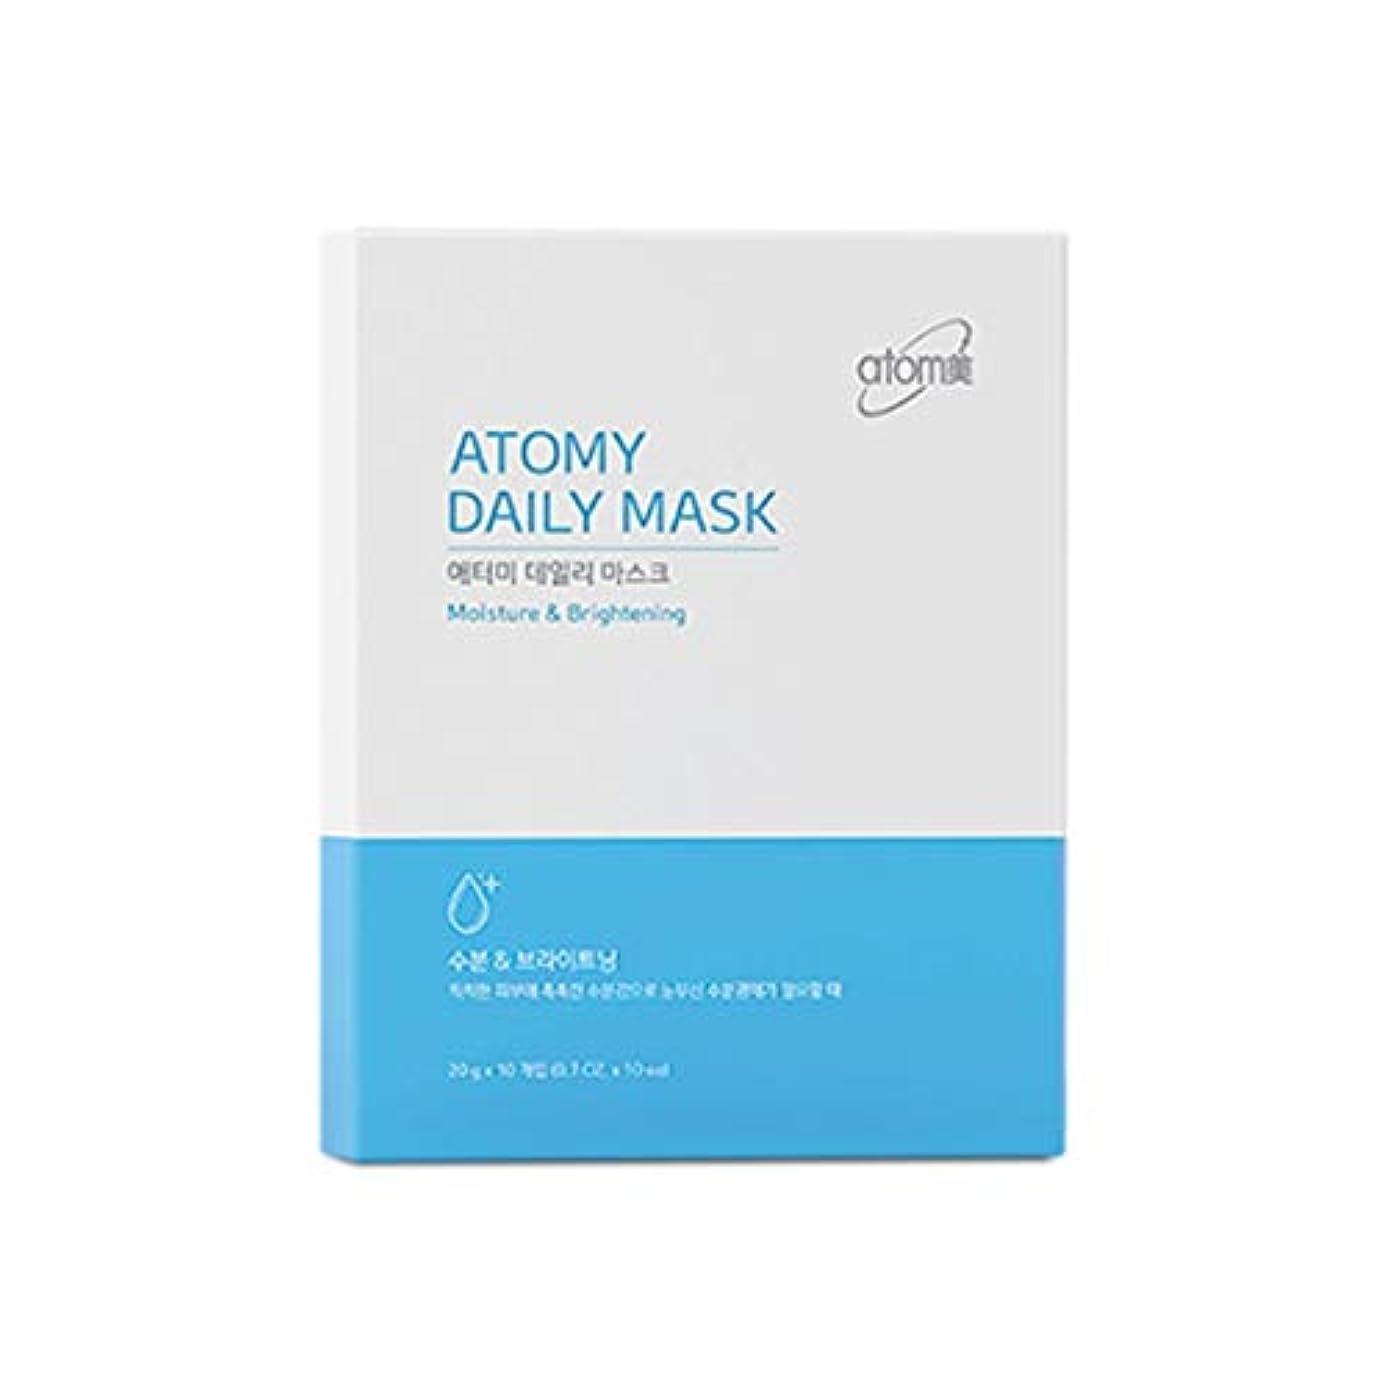 指債務者ゴルフ[NEW] Atomy Daily Mask Sheet 10 Pack- Moisture & Brightening アトミ 自然由来の成分と4つの特許成分マスクパック(並行輸入品)